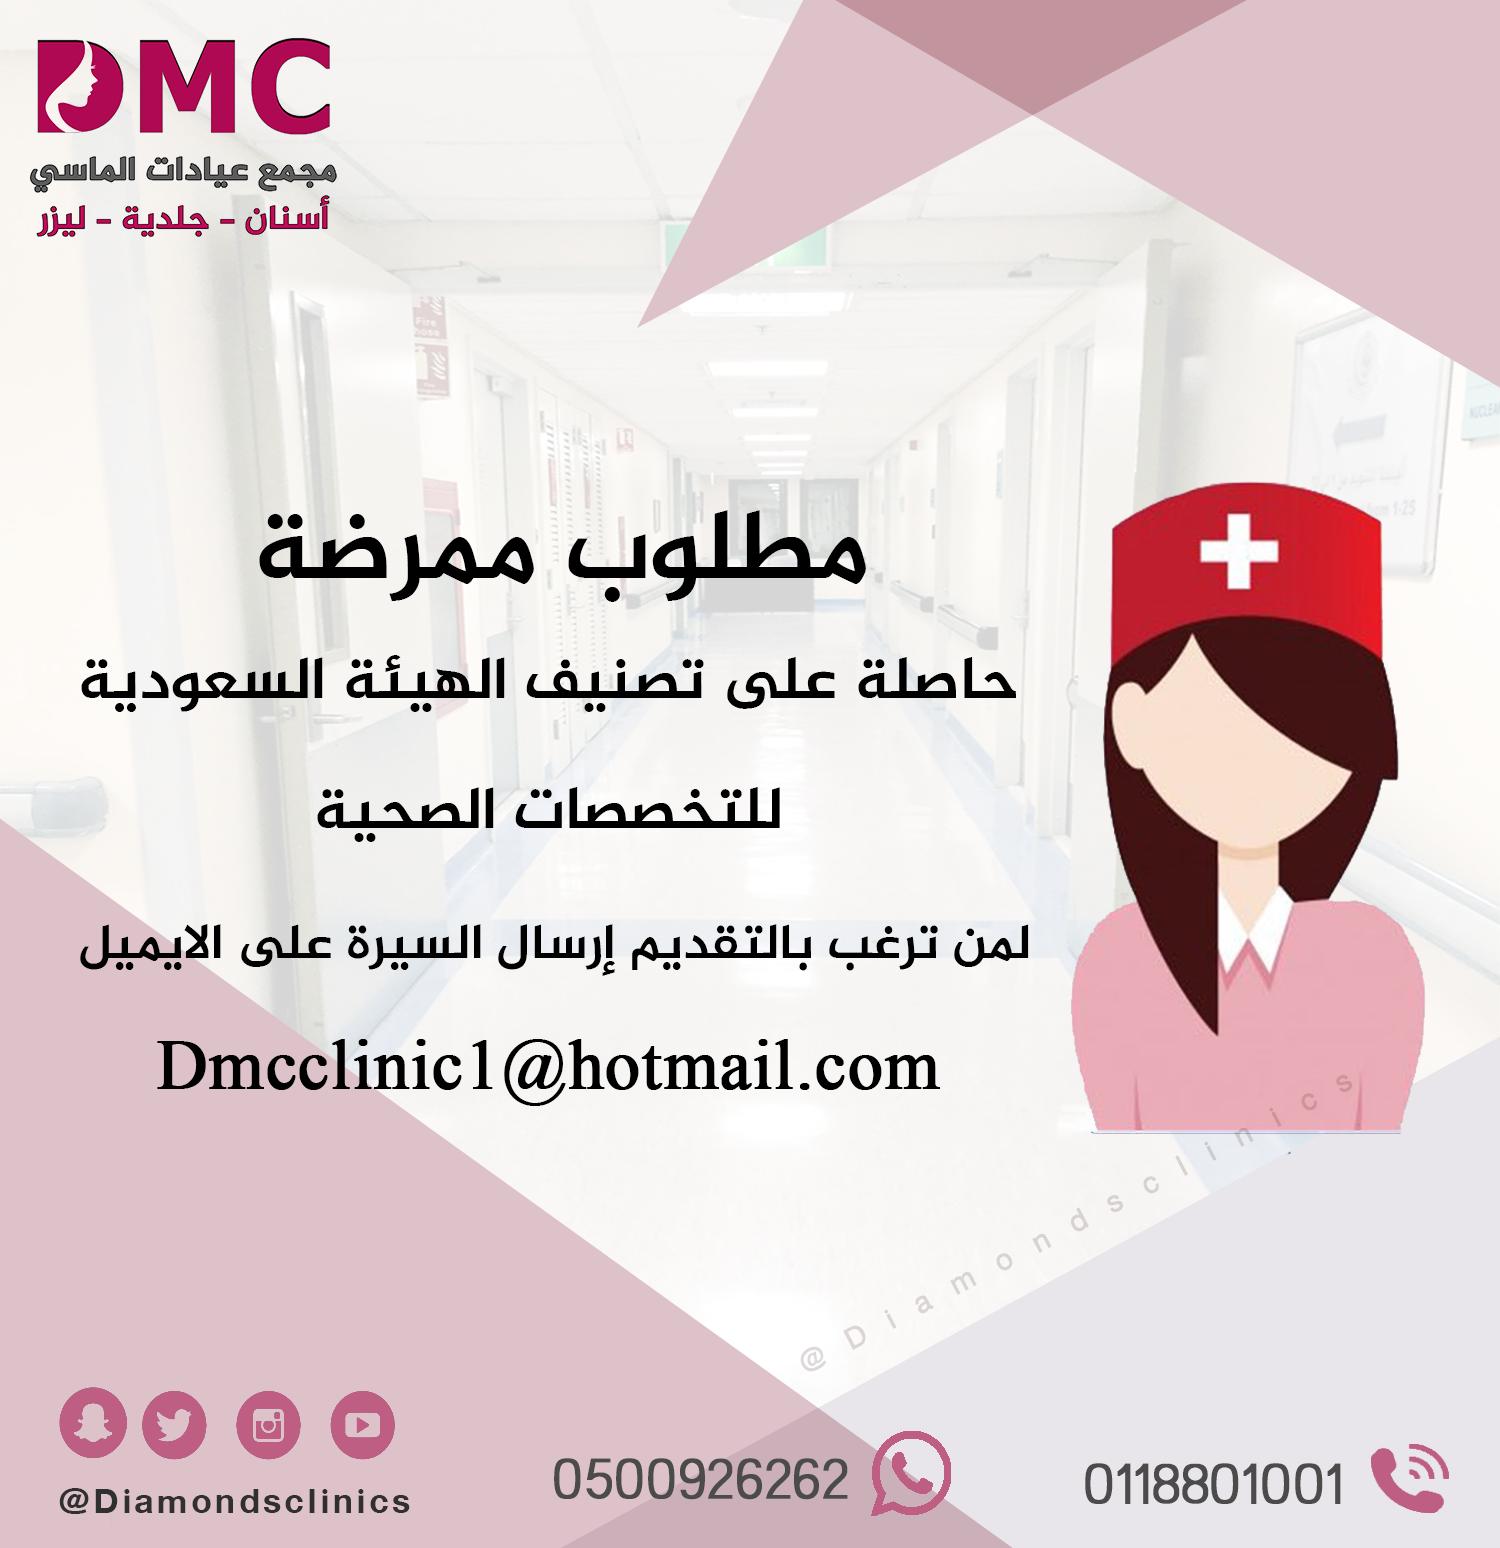 مطلوب ممرضة حاصلة على تصنيف الهيئة السعودية للتخصصات الصحية لمن ترغب بالتقديم إرسال السيرة على الايميل Dmcclinic Omc Movie Posters Poster